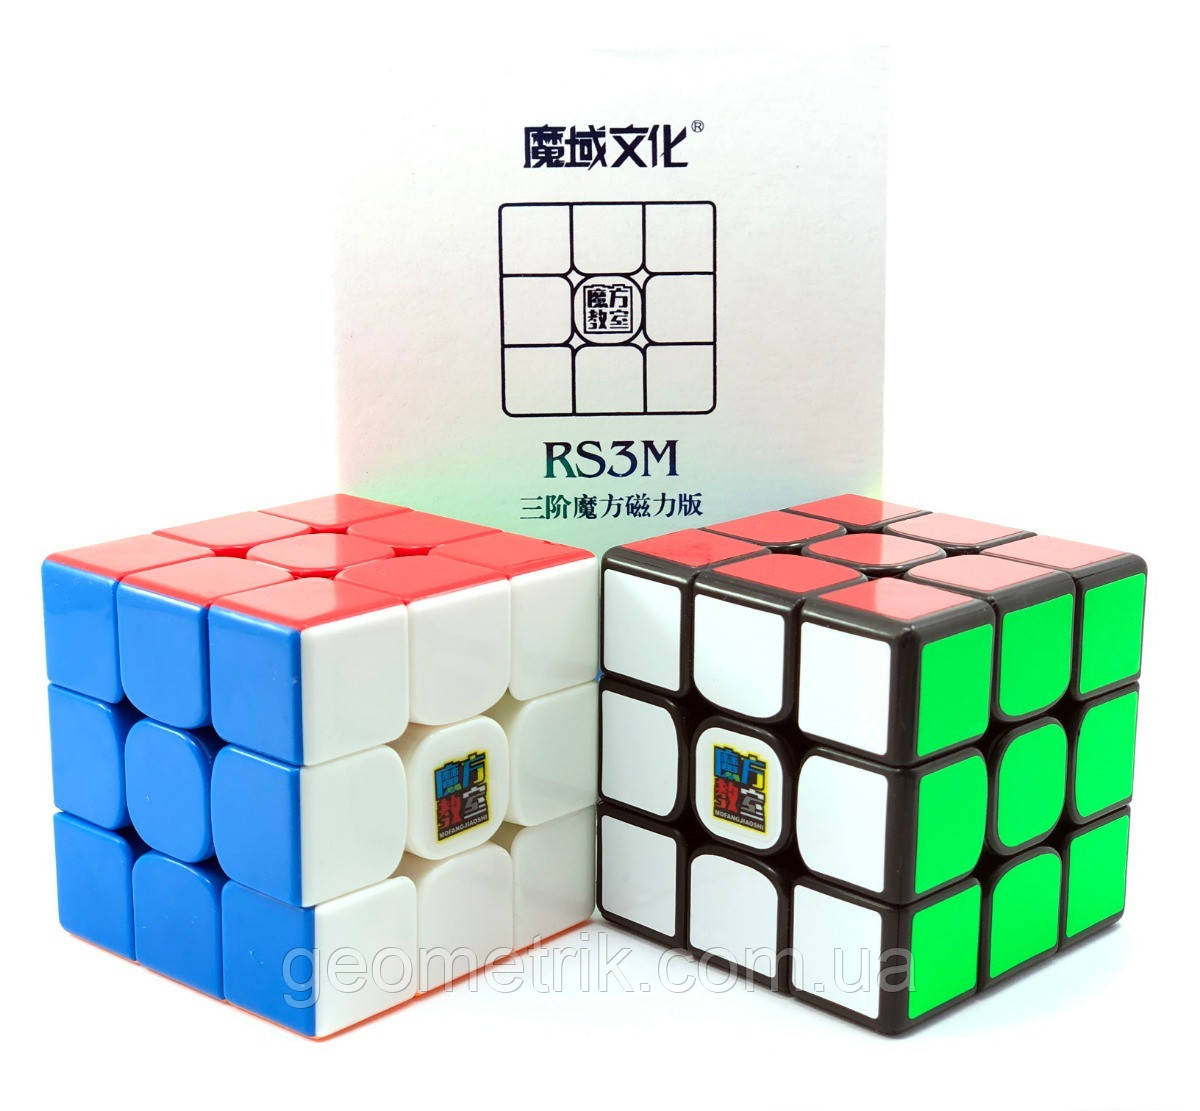 Кубик Рубика 3x3 MoYu MF3 RS3M magnetic (цветной)(магнитный, скоростной кубик, головоломка)